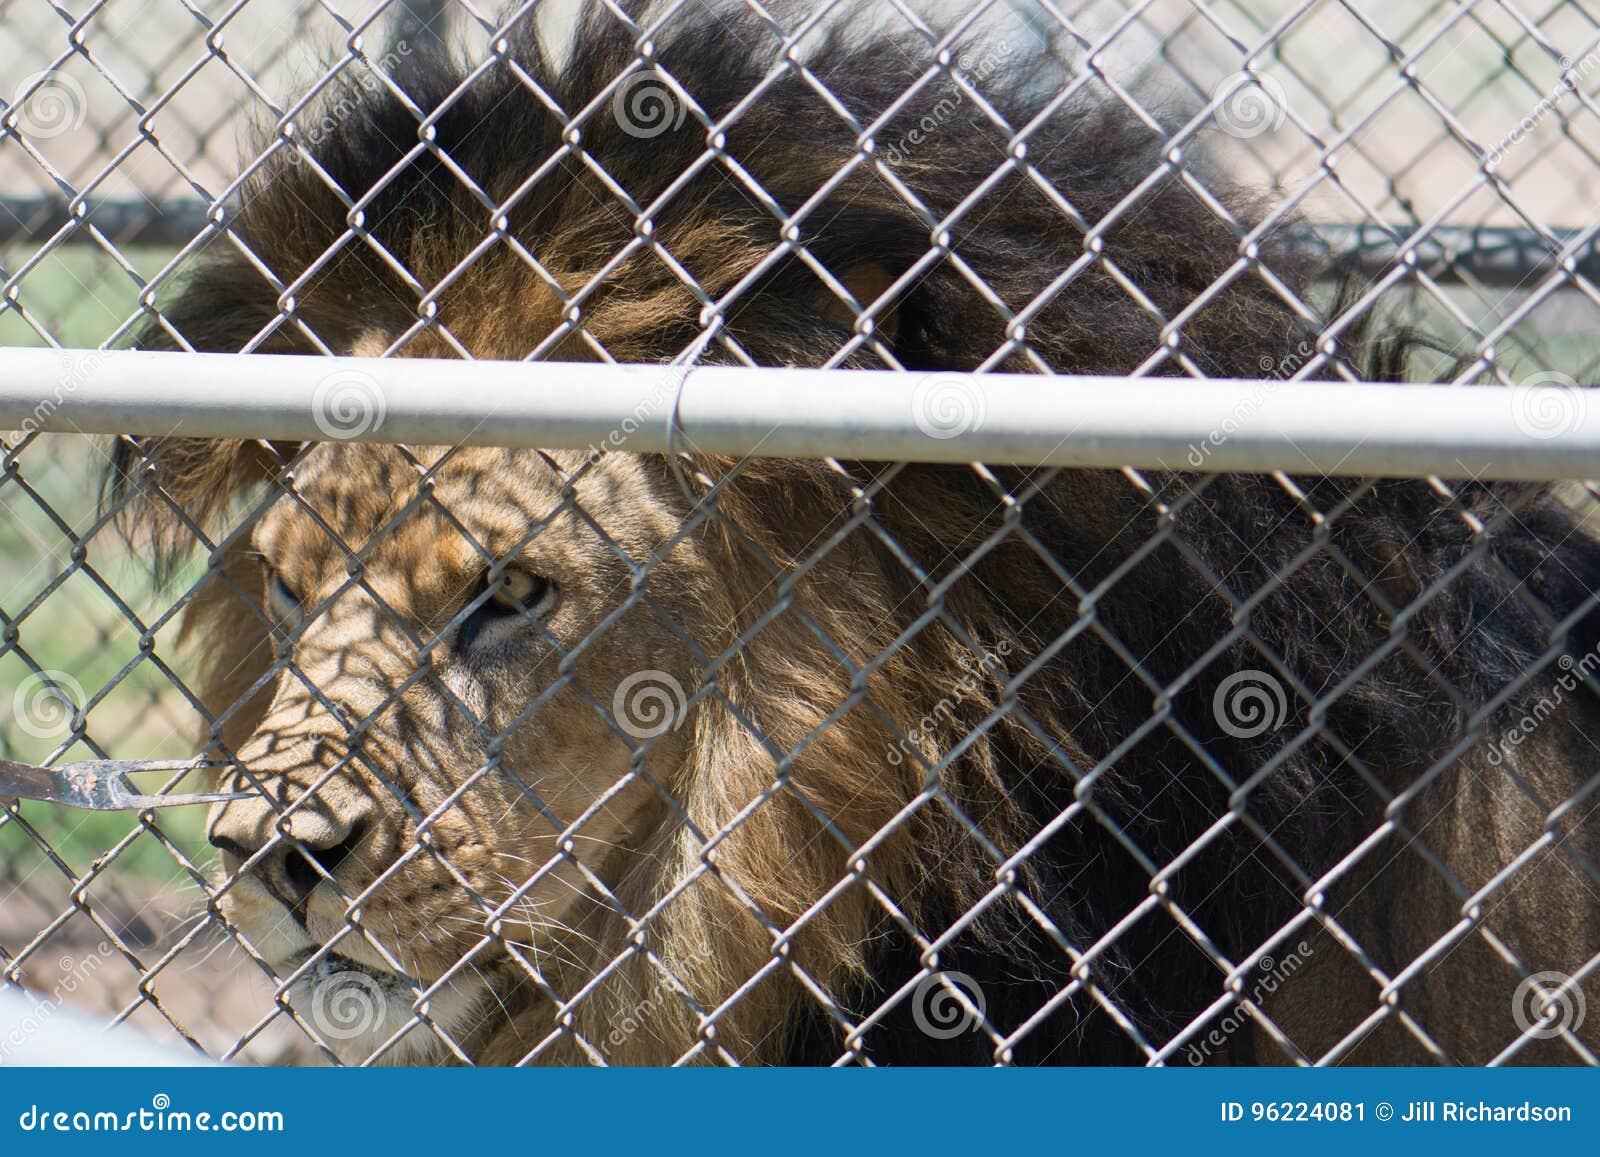 Verschiedene Loewe Zaun Referenz Von Eingesperrter Männlicher Löwe Mit Einer Mähne Nahaufnahme